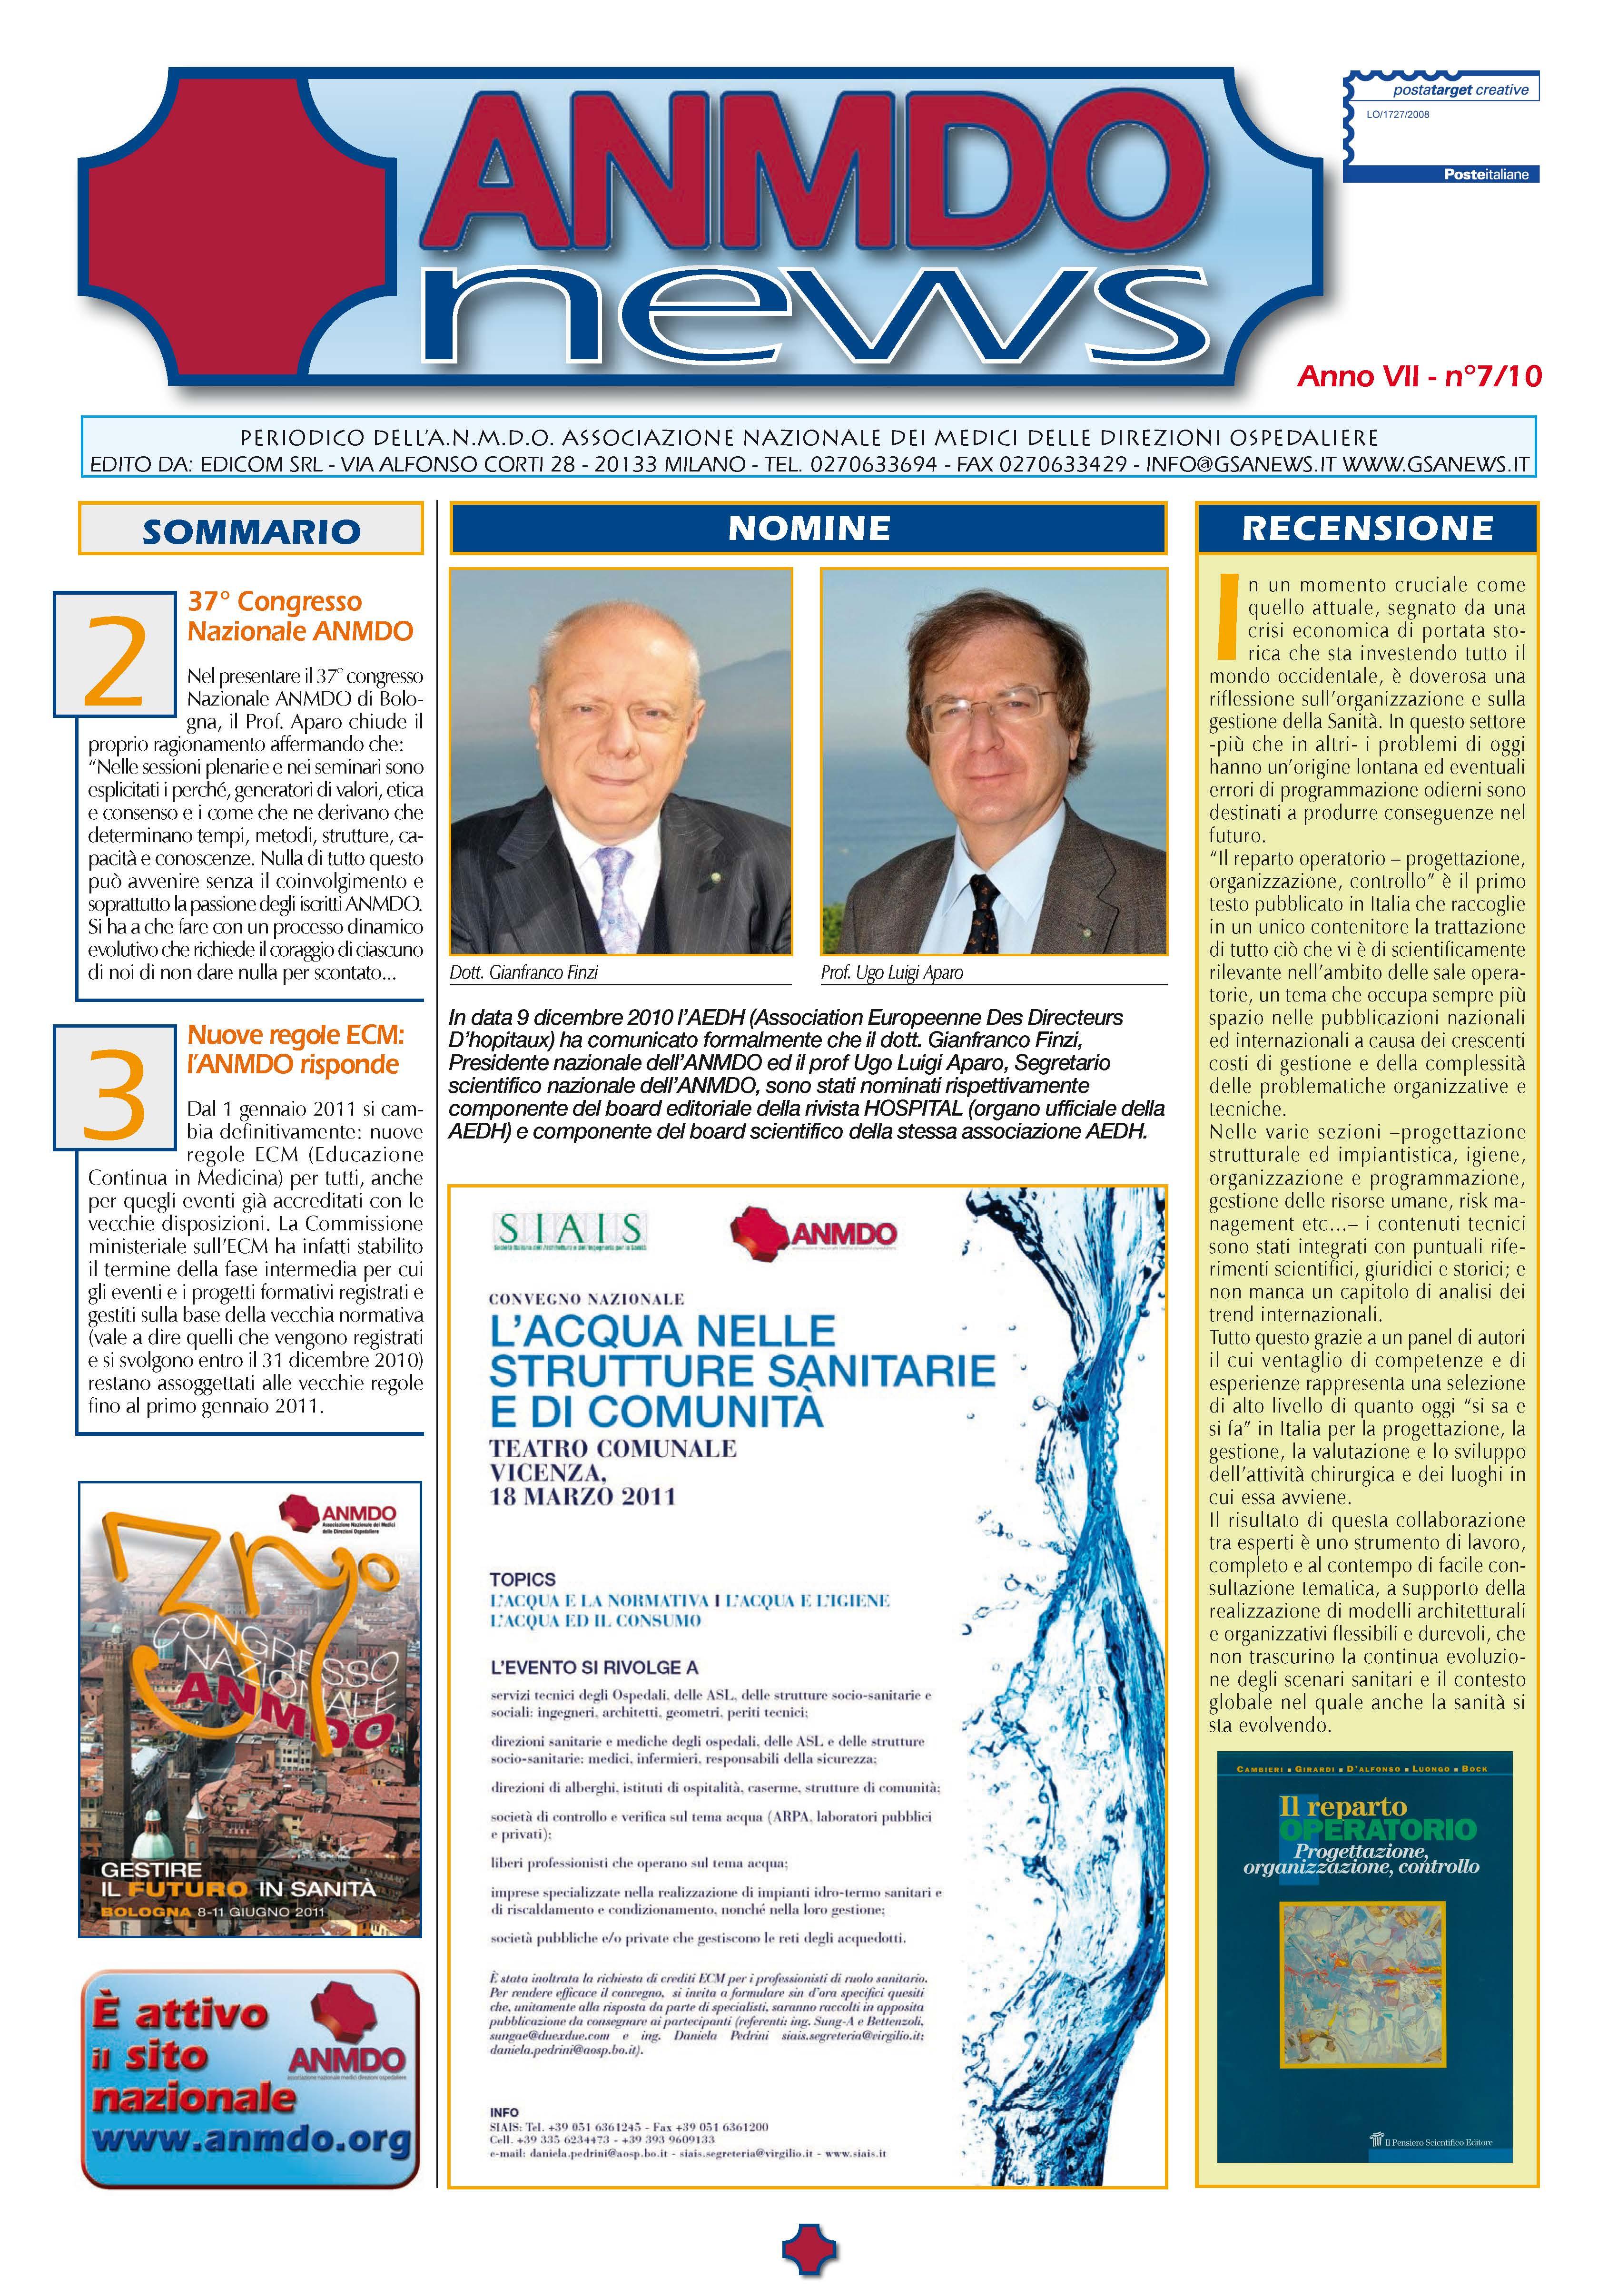 pagine-da-anmdonews_7_10